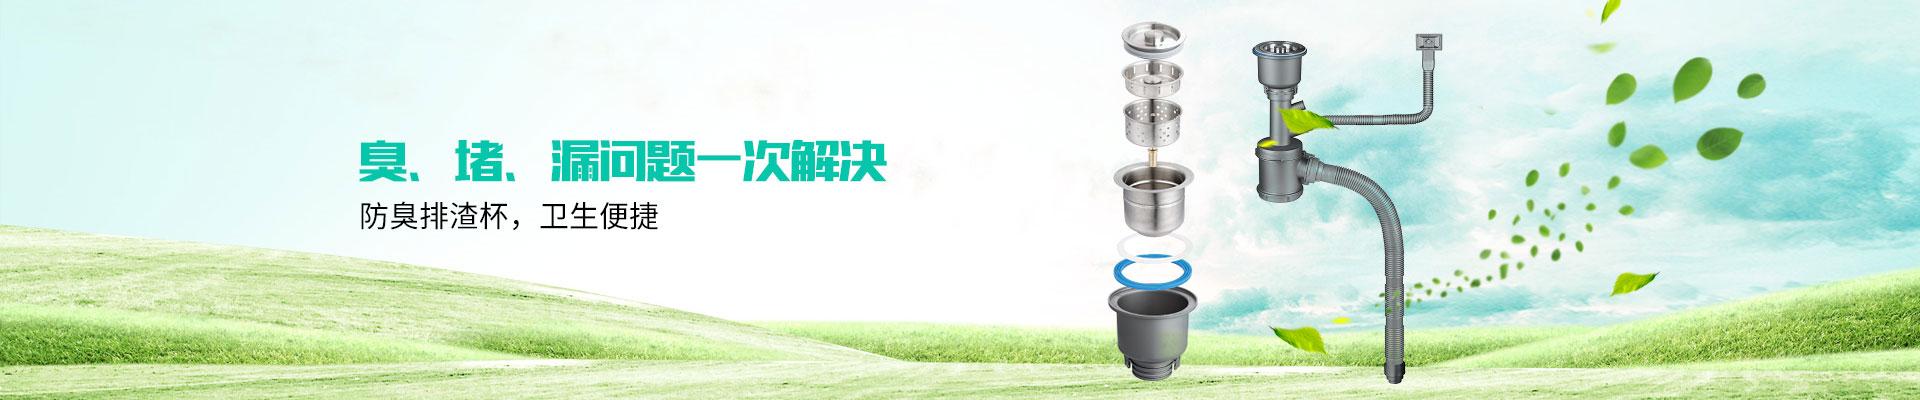 欧顺诺单盆水槽下水-臭、堵、漏问题一次解决;防臭排渣杯,卫生便捷